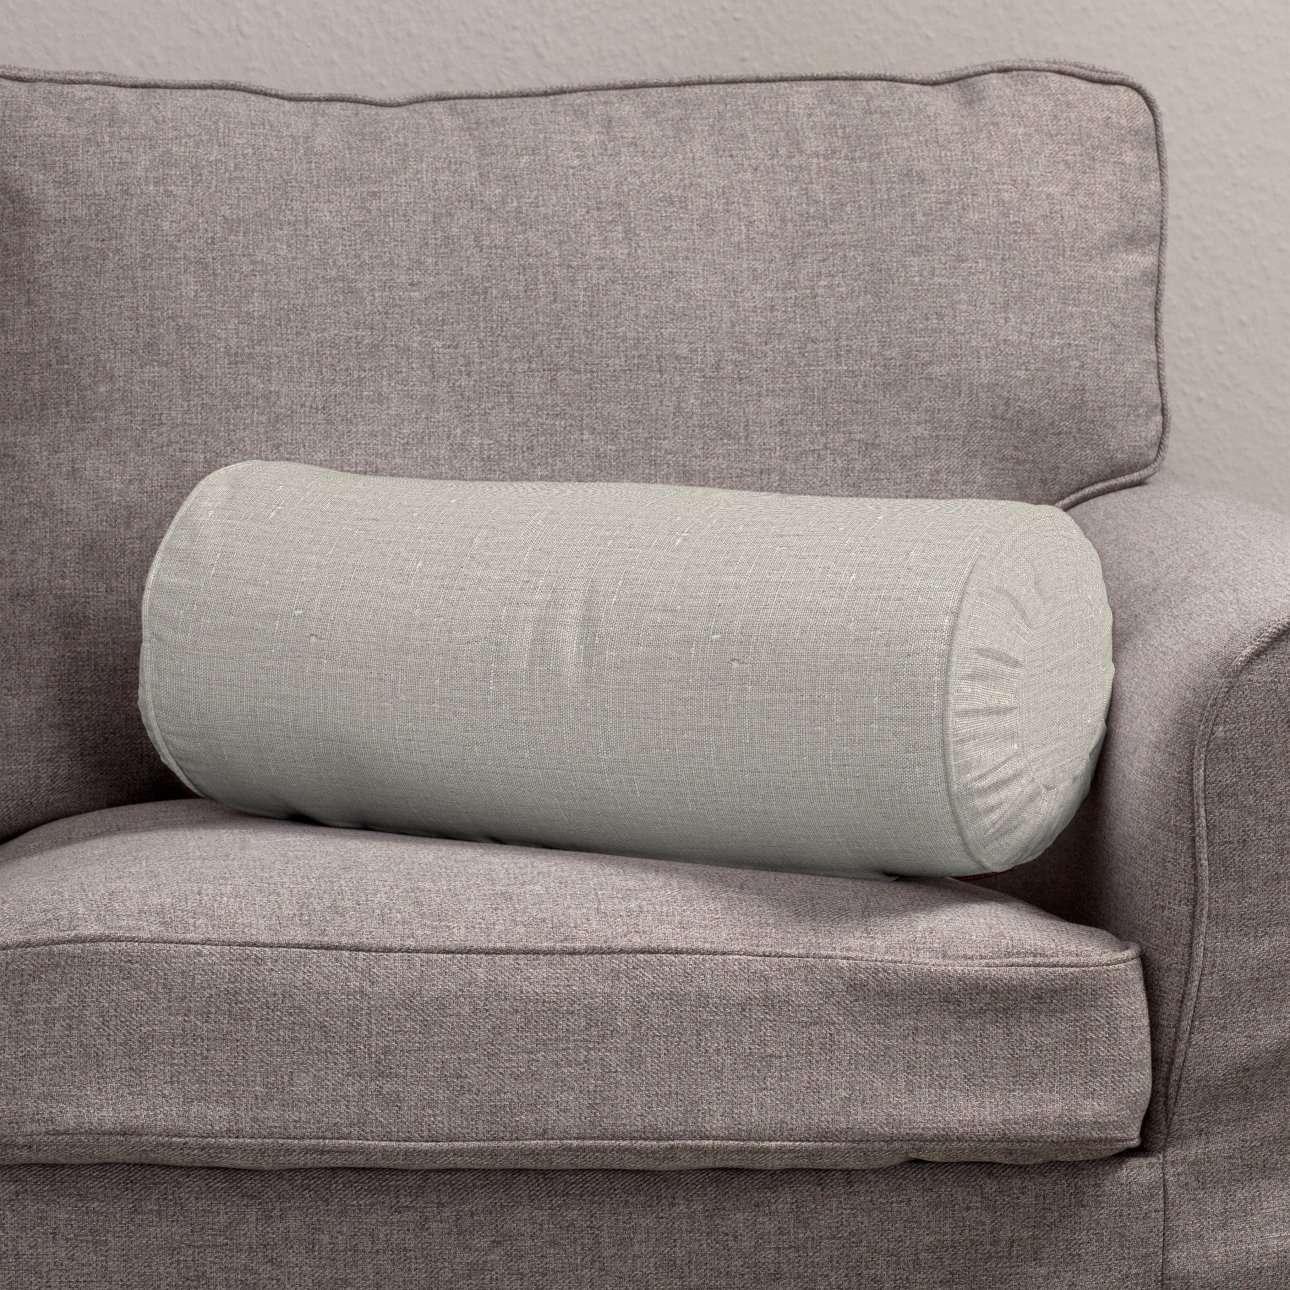 Poduszka wałek z zakładkami Ø20x50cm w kolekcji Linen, tkanina: 392-05